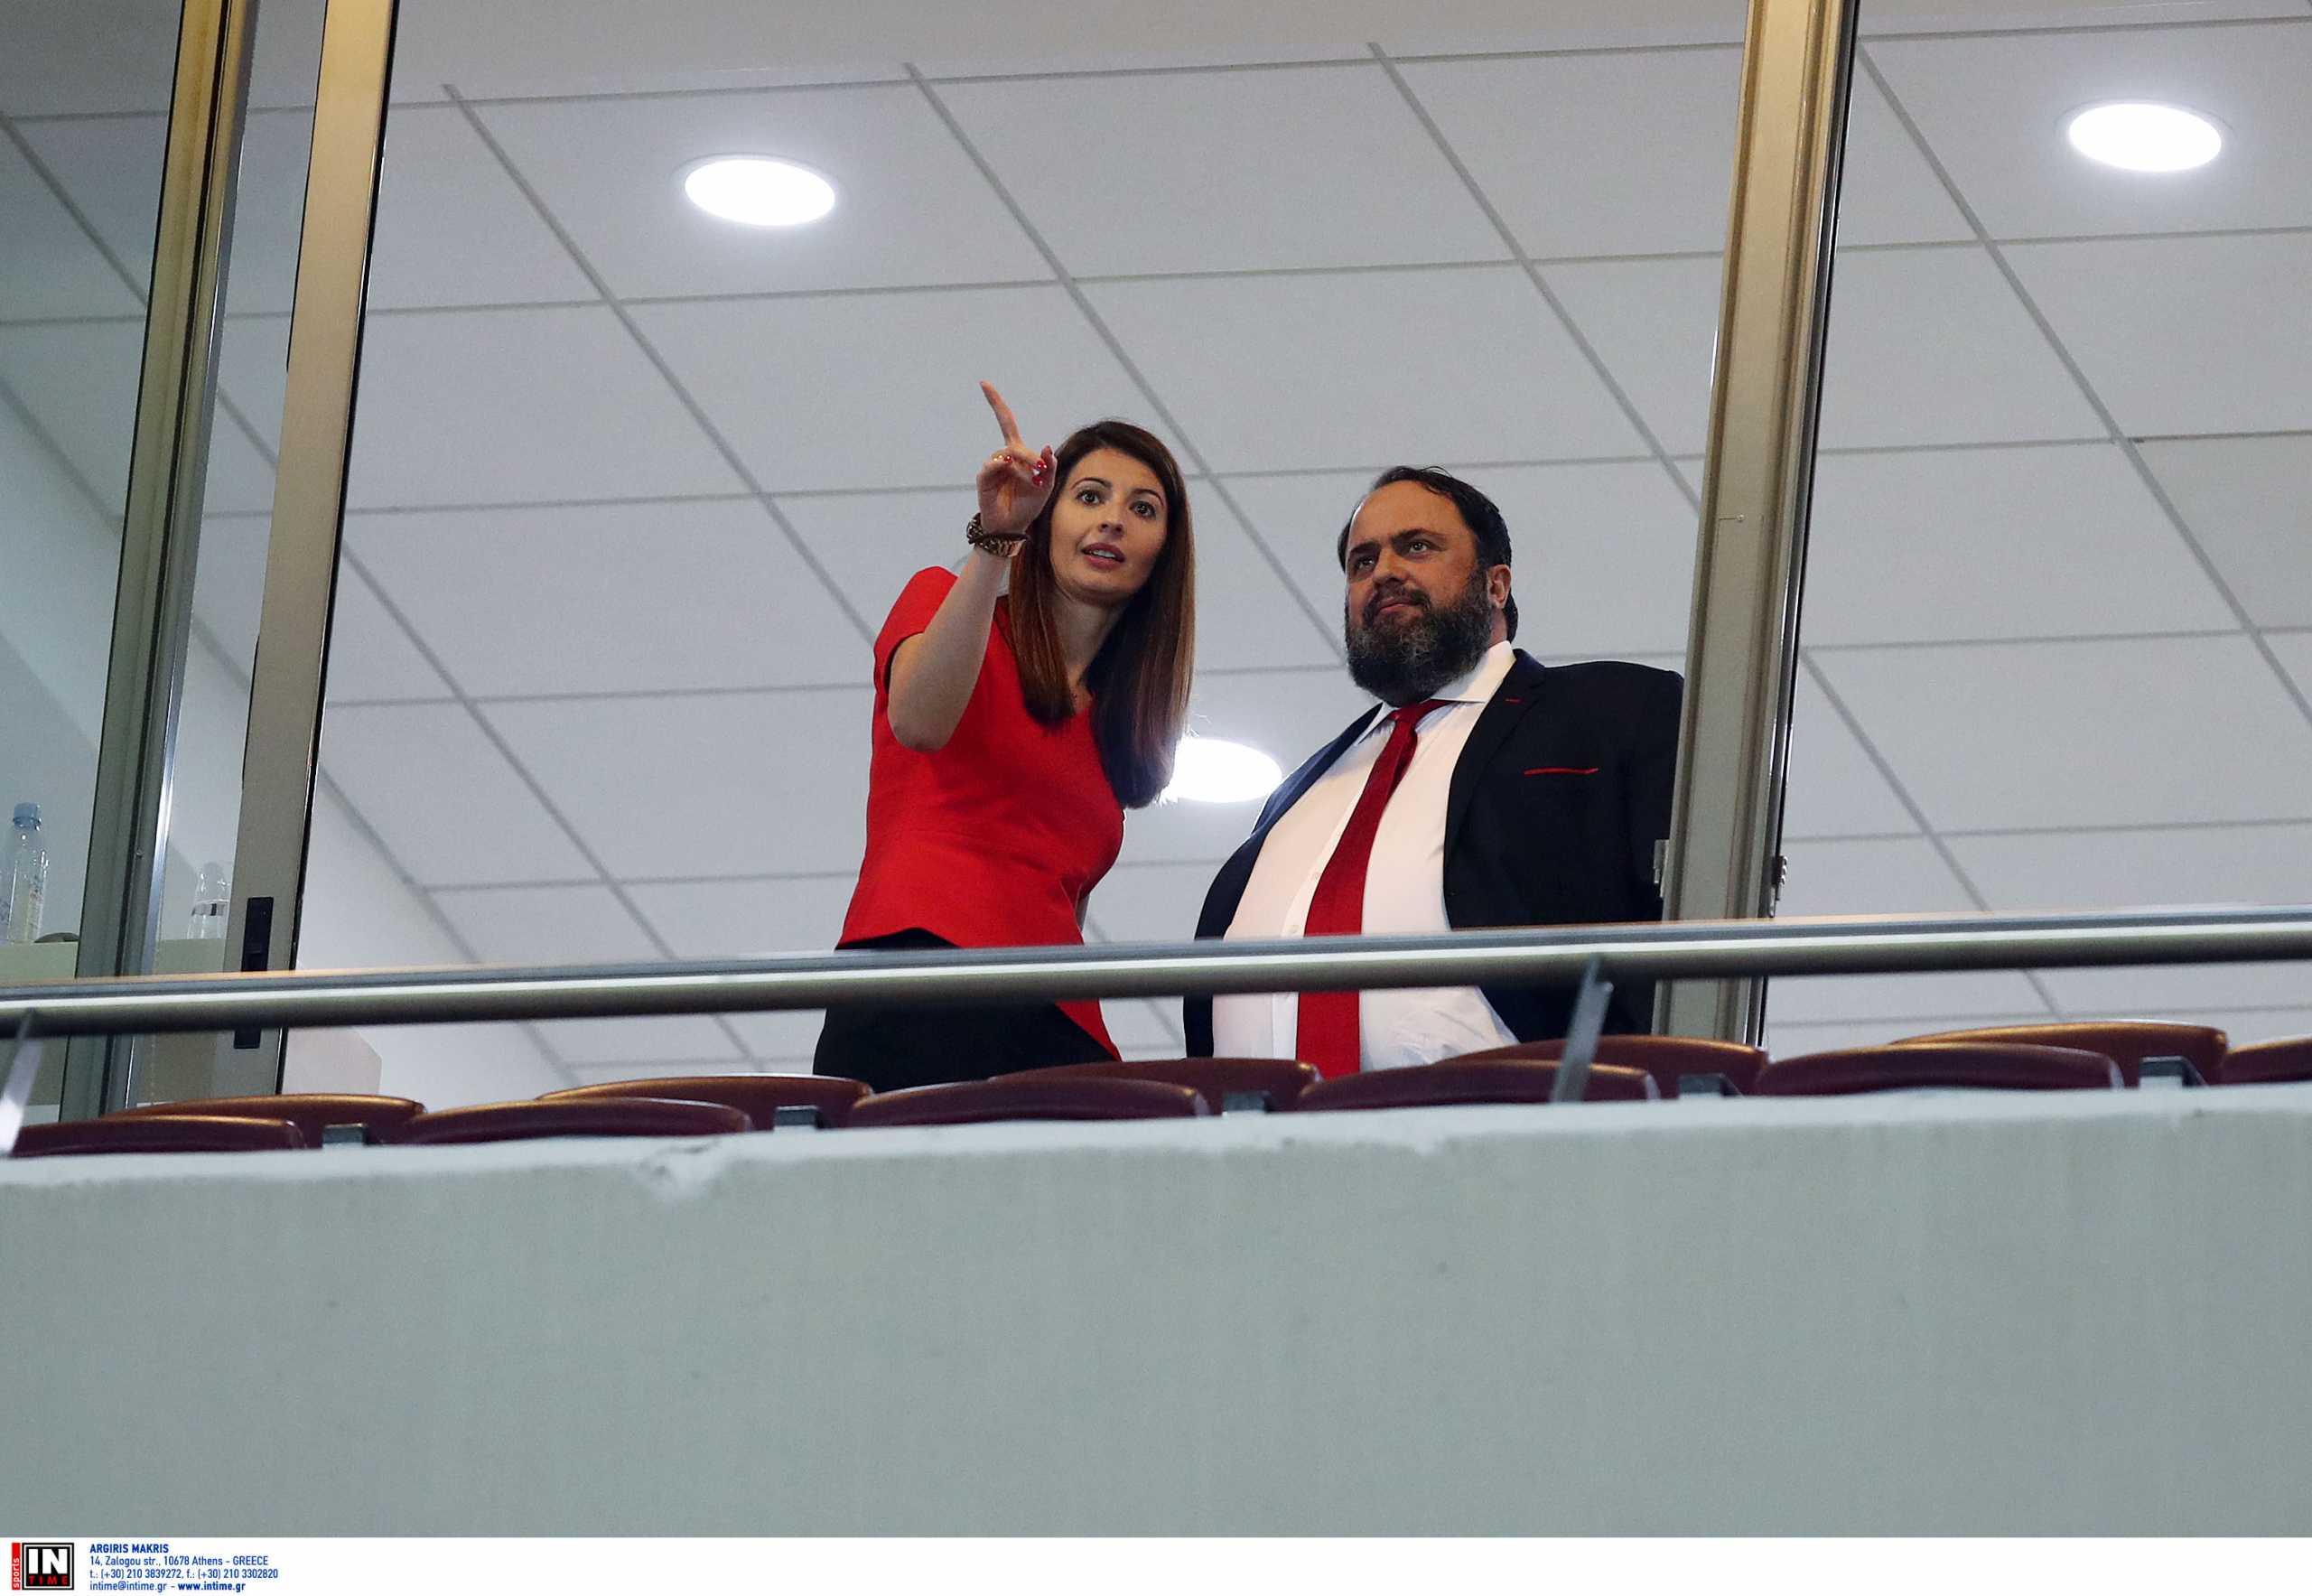 Ολυμπιακός – Λίνα Σουλούκου: «Ο Βαγγέλης Μαρινάκης δεν έχει ταβάνι»